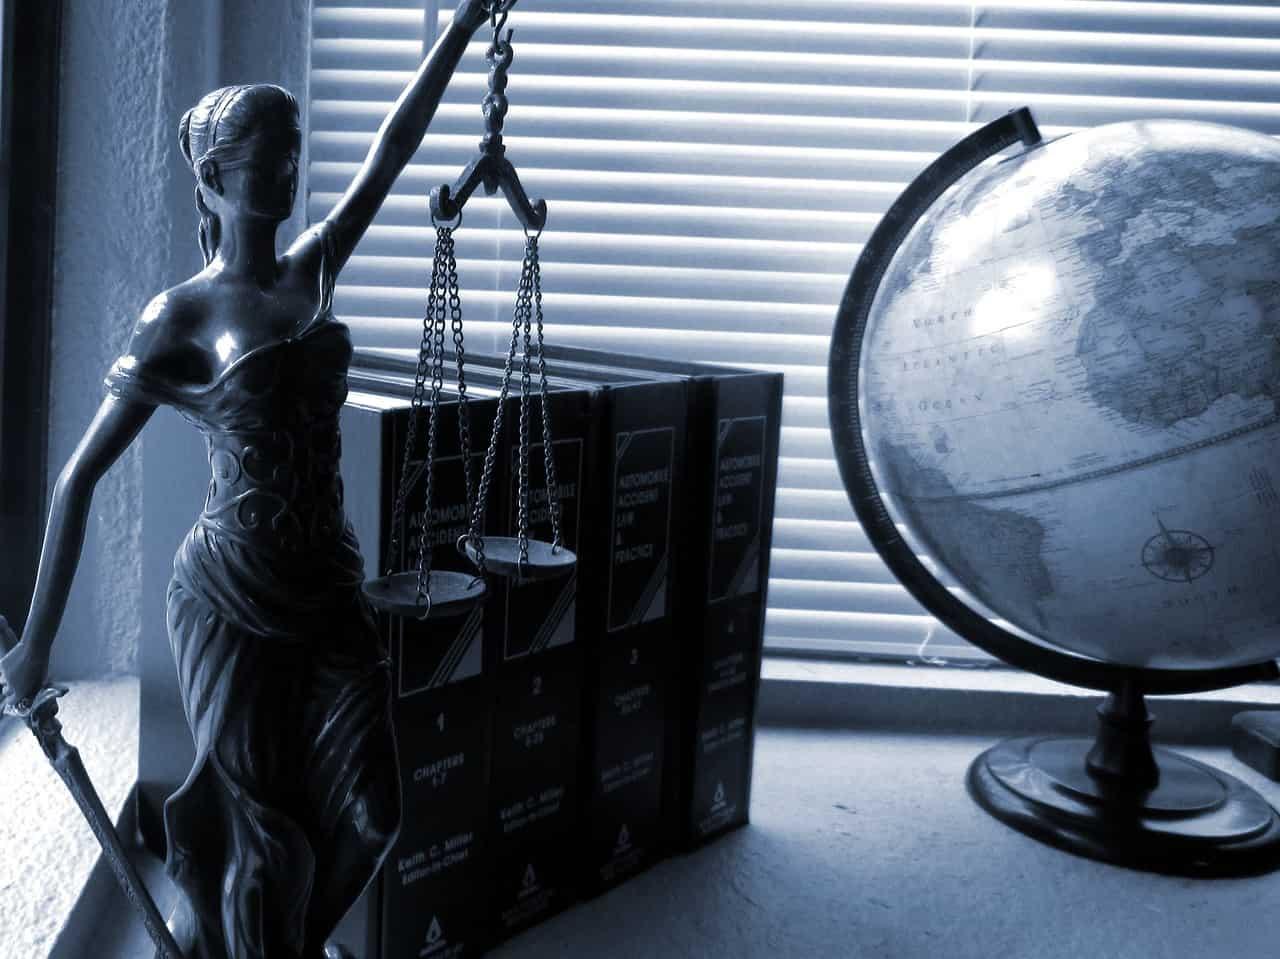 כיצד מתנהל הליך תביעת לשון הרע?